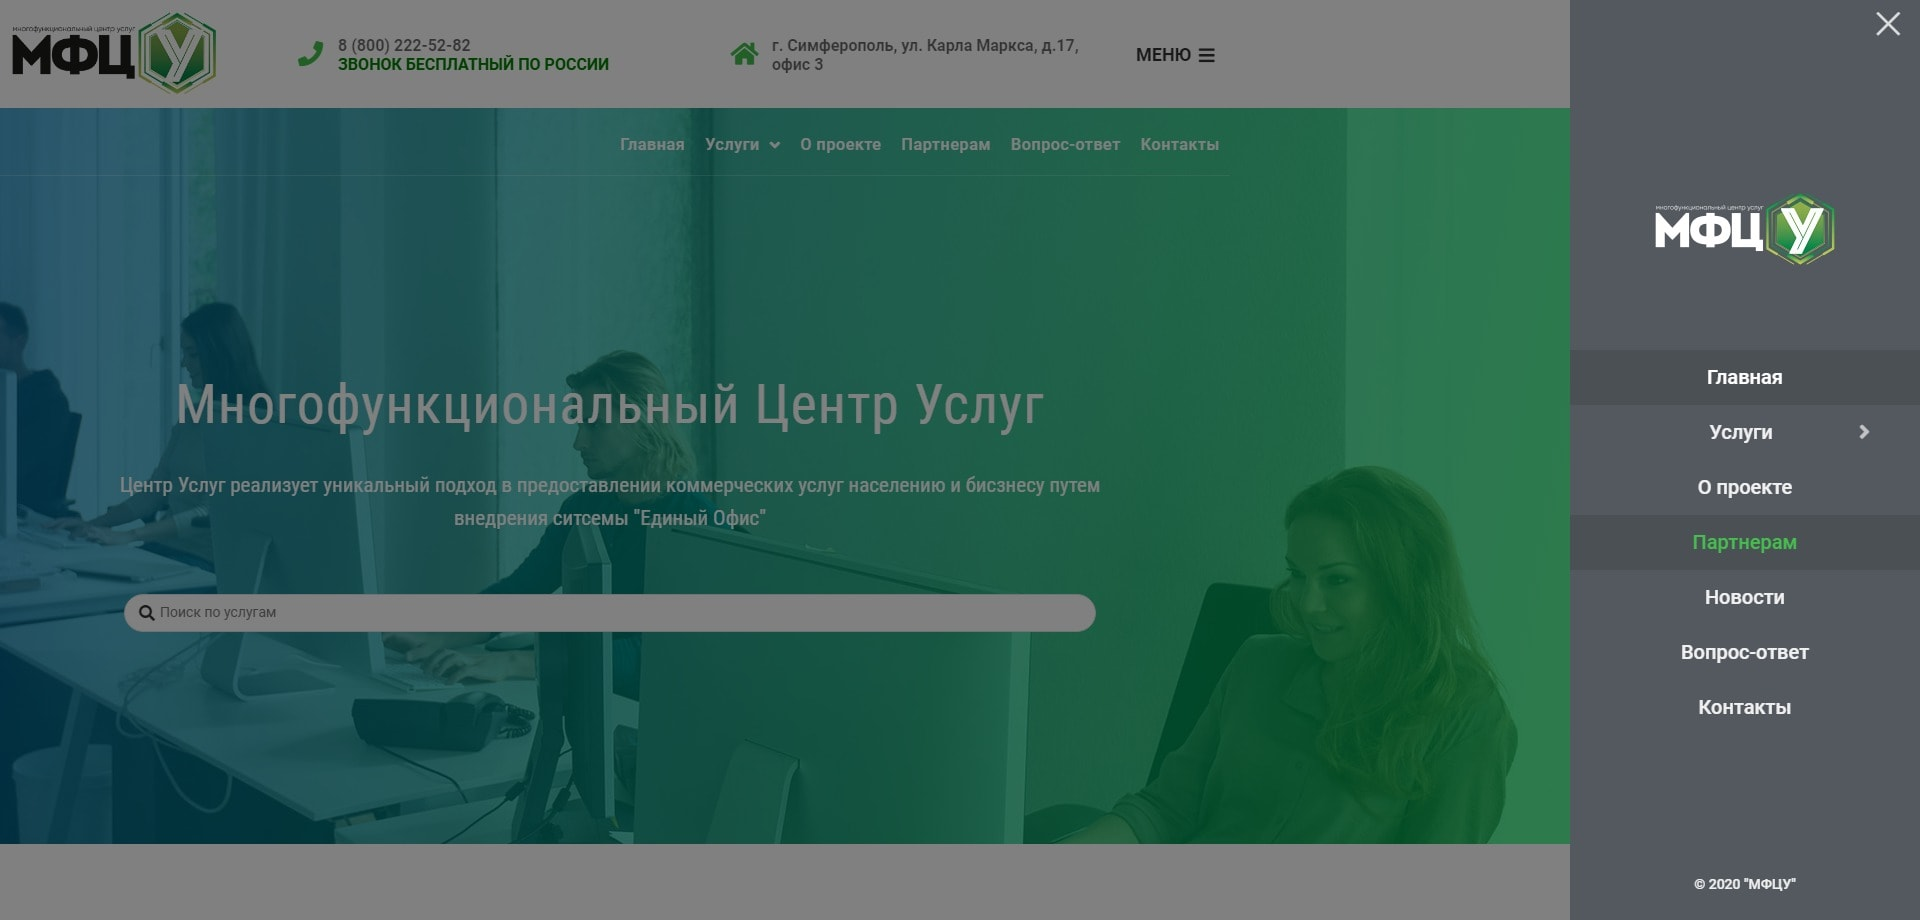 Боковое меню сайта